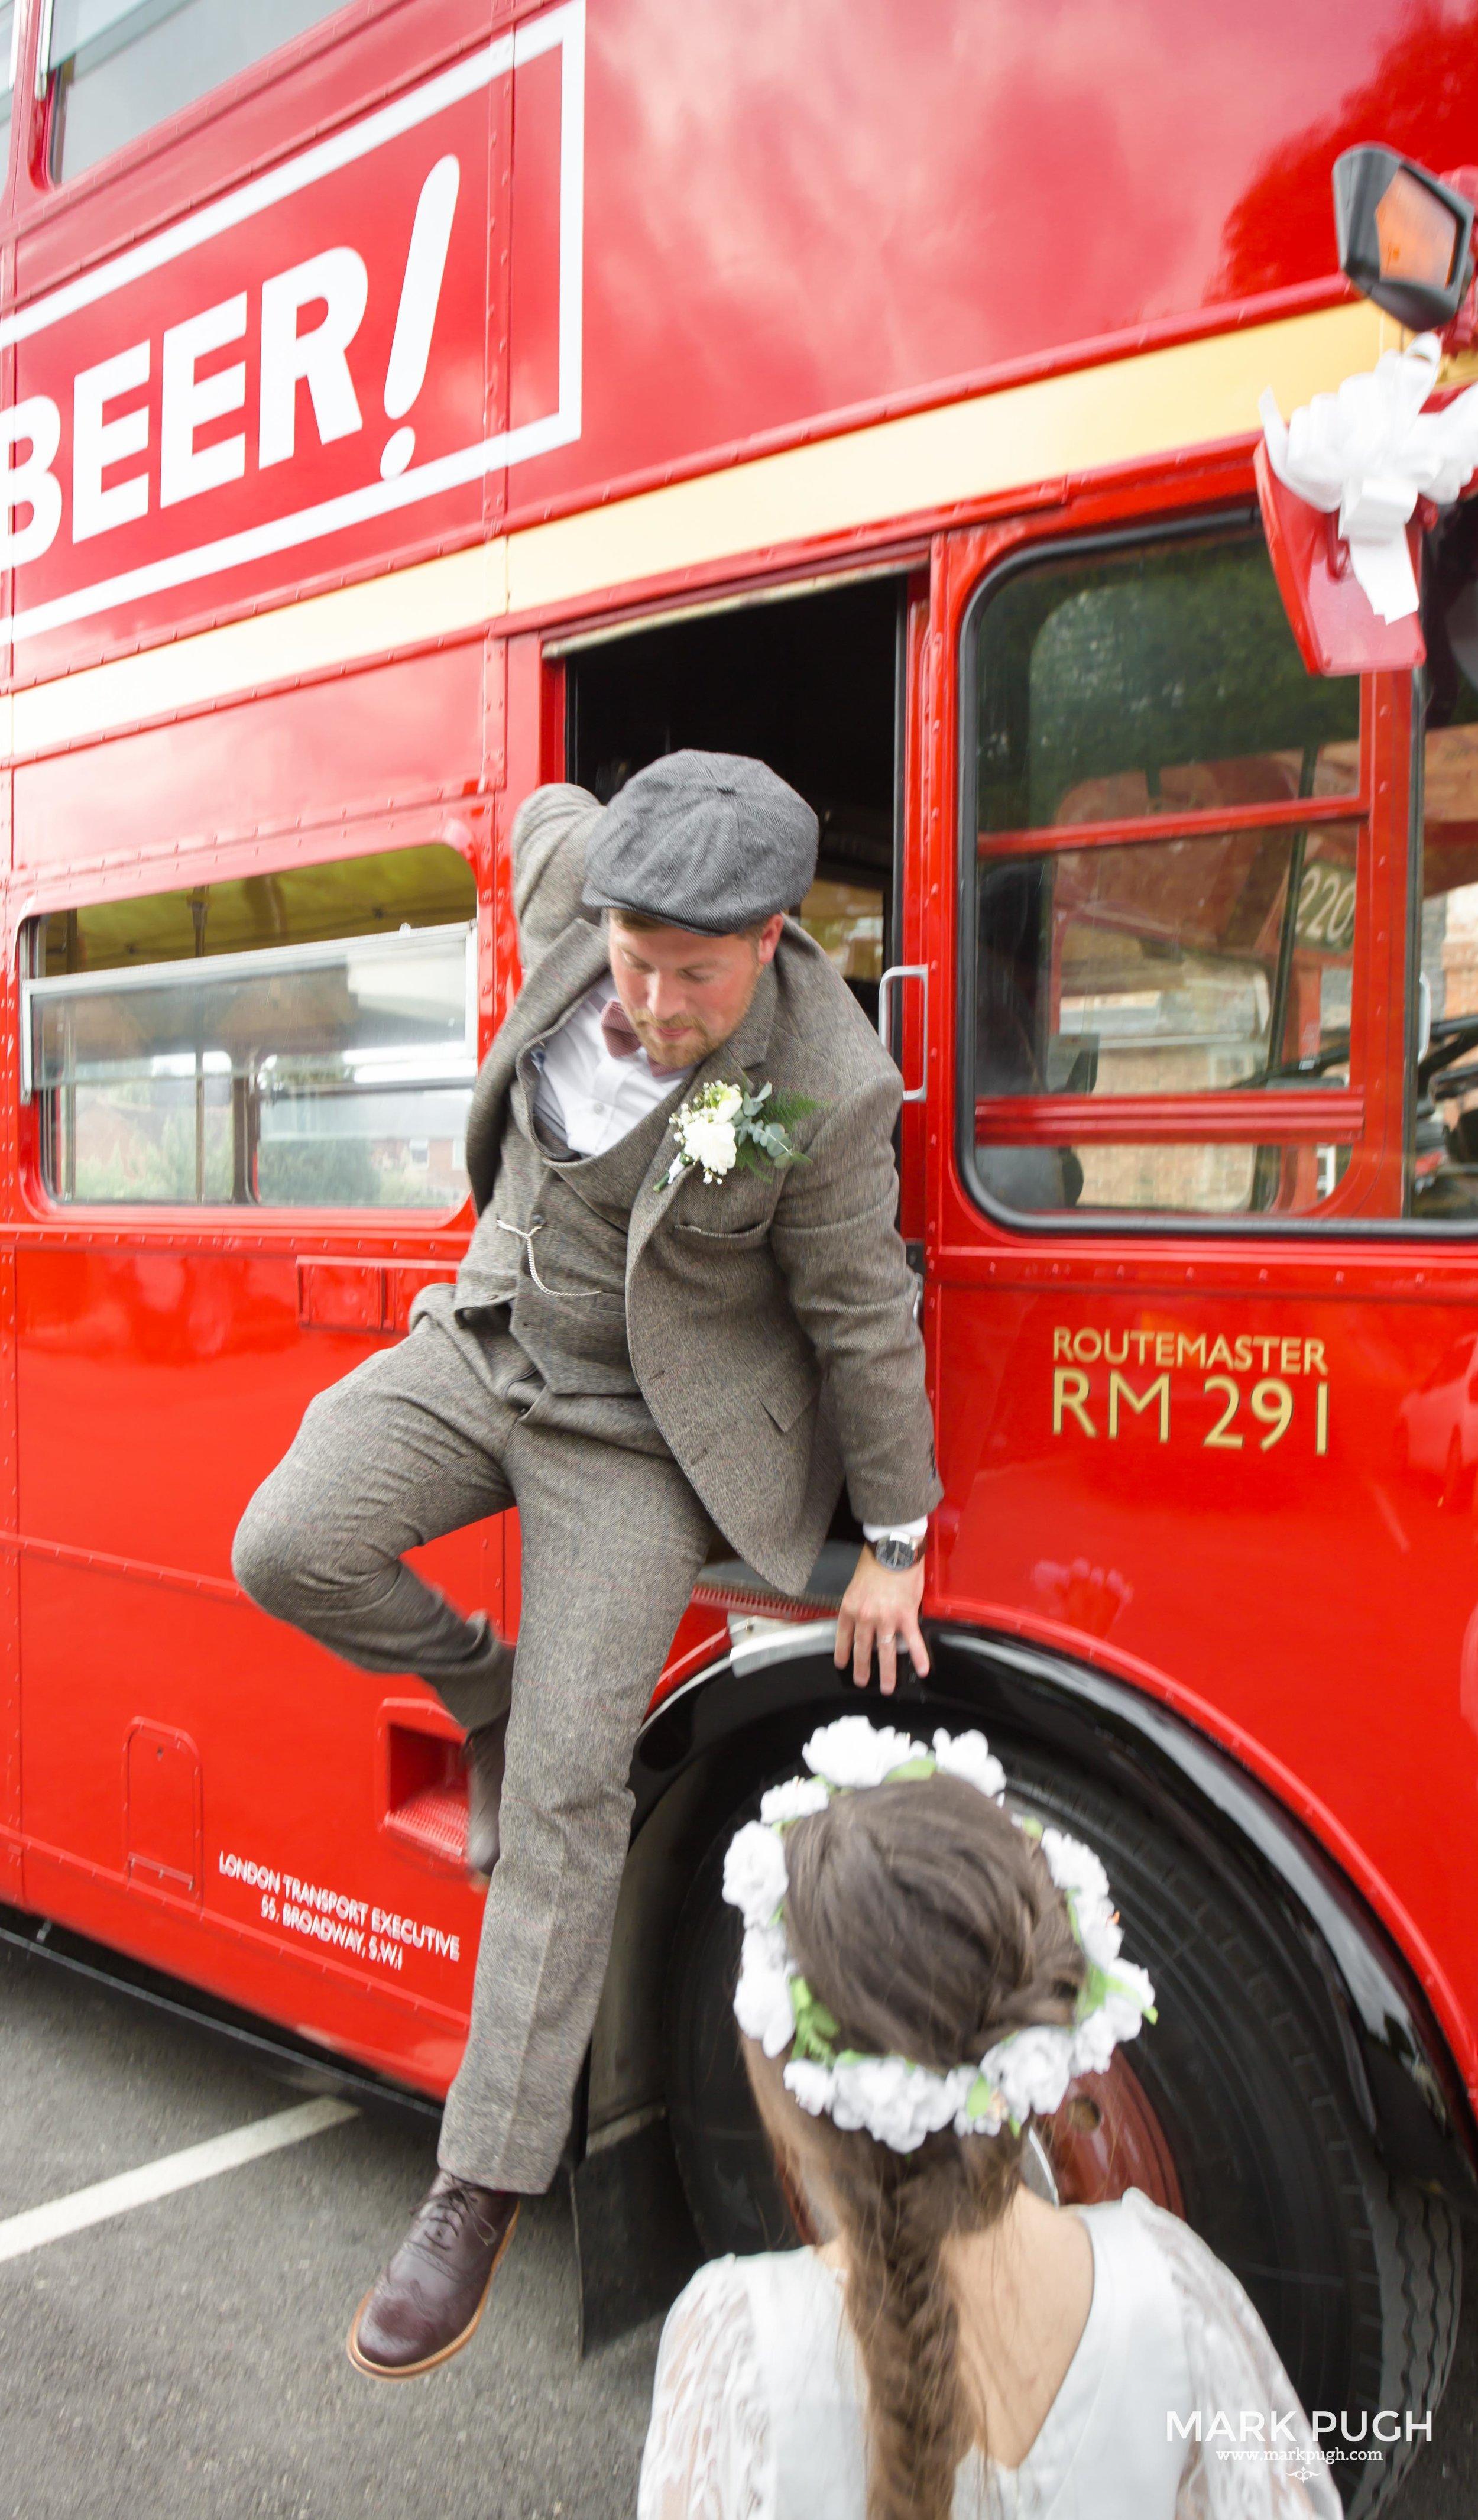 021 - fineART photography by www.markpugh.com Mark Pugh of www.mpmedia.co.uk_.JPG